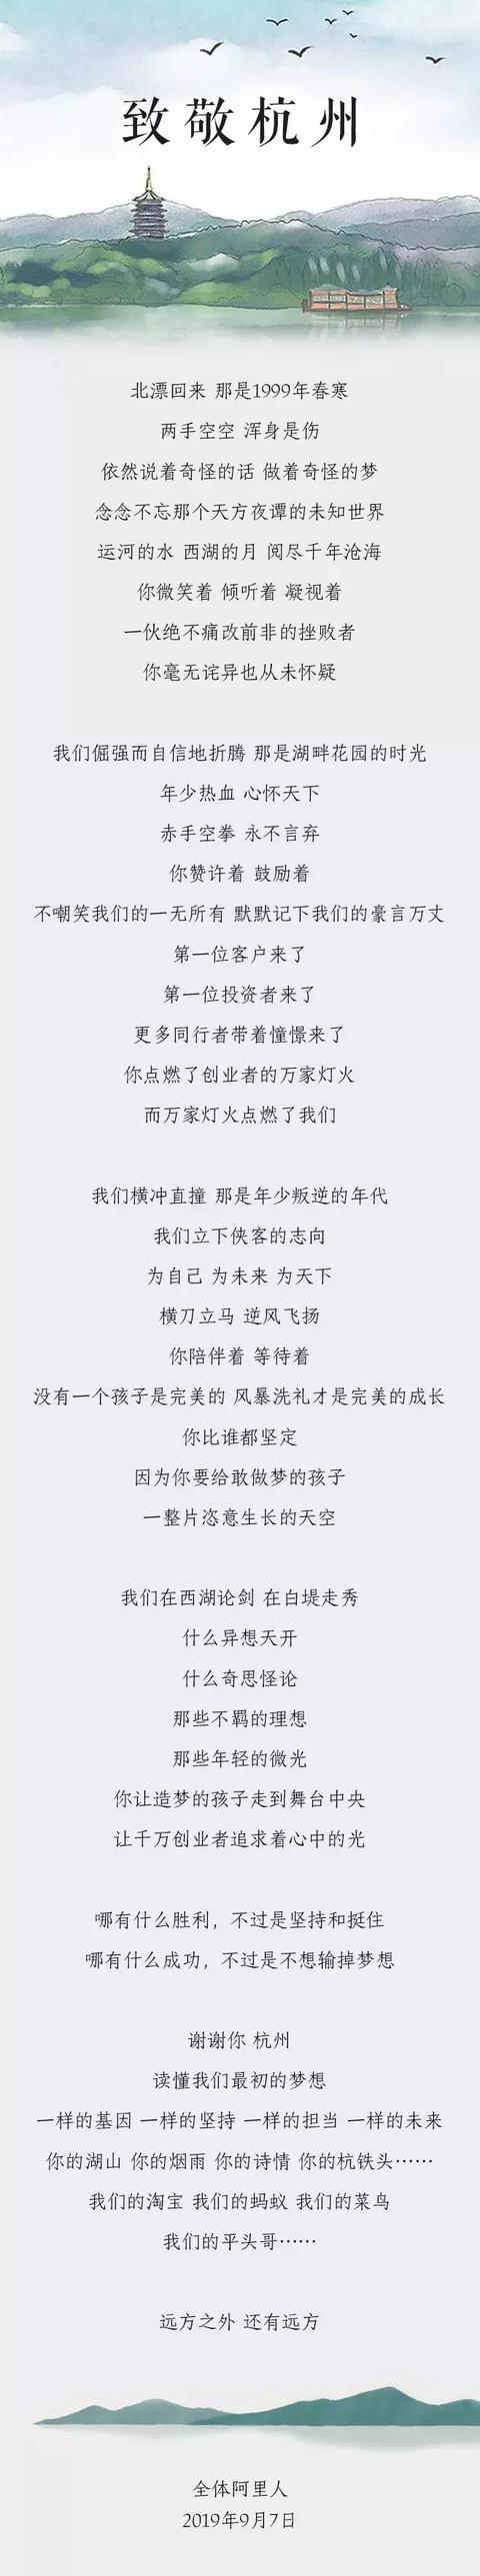 阿里20周年致敬杭州:谢谢你读懂我们的梦想_零售_电商报